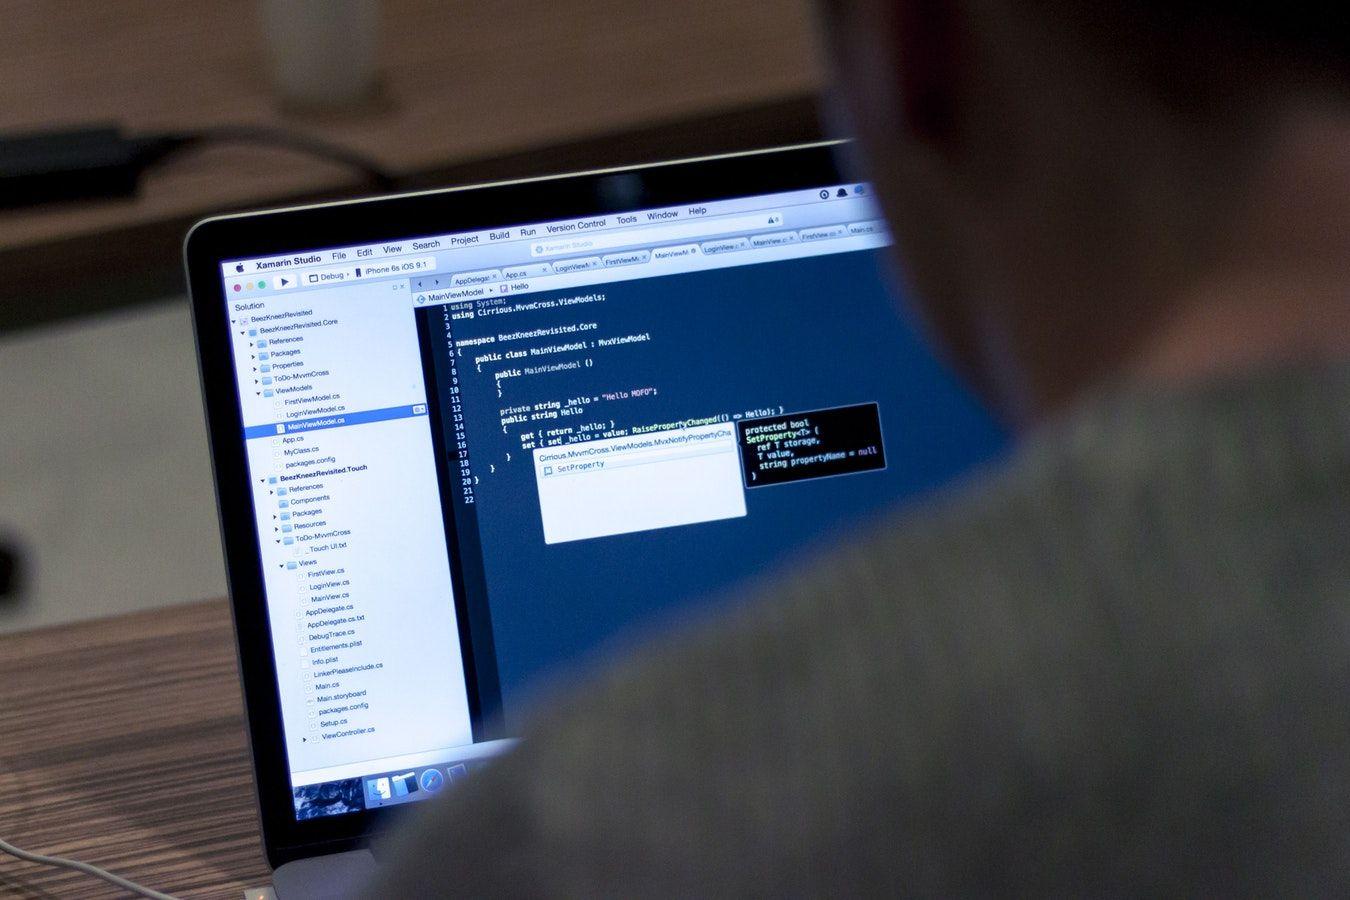 Facebook chiude Parse: Stai cercando sviluppatori app?